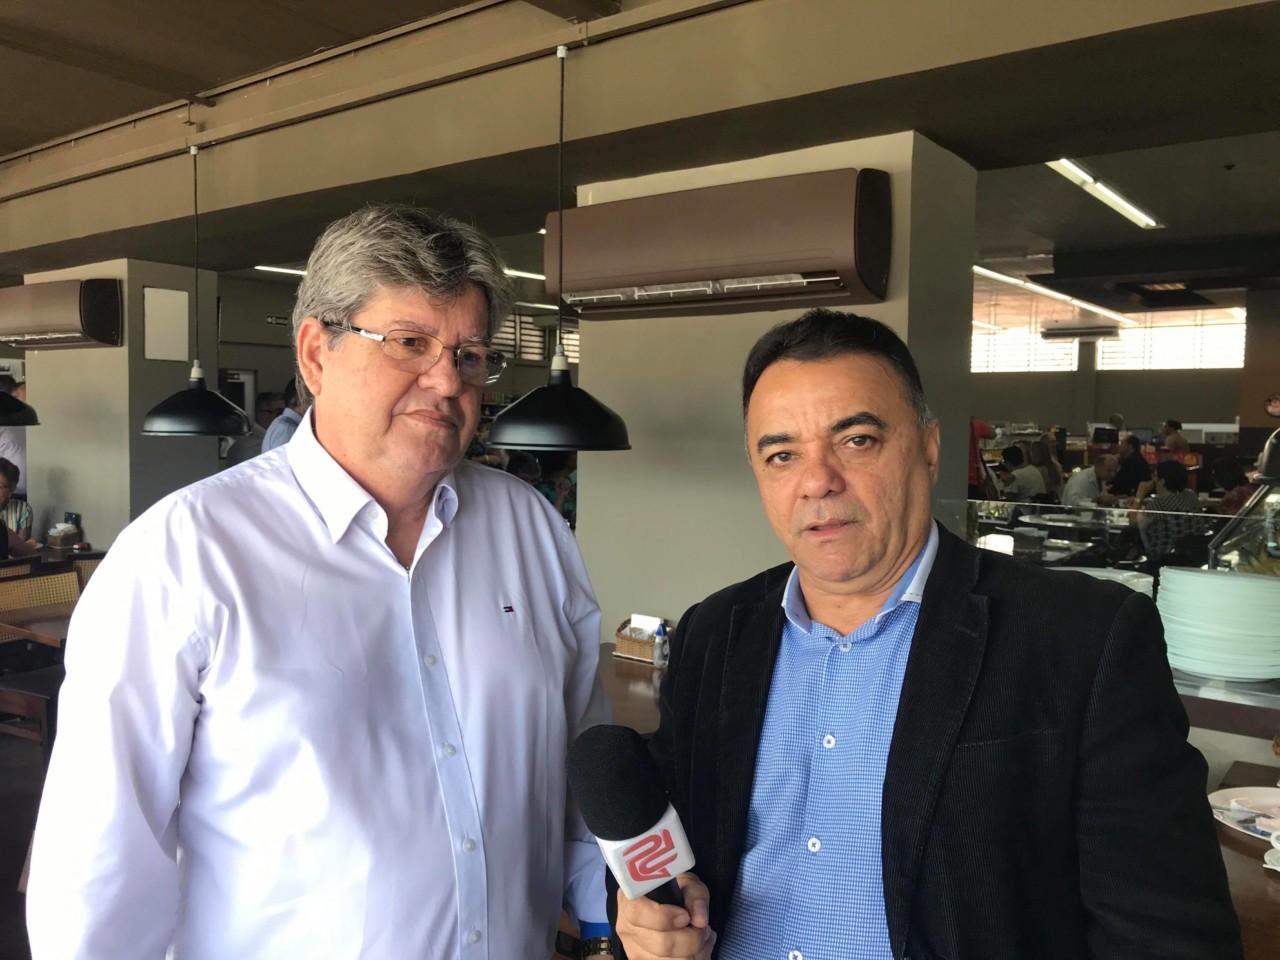 28768406 1744535498935942 2966490 o - VEJA VÍDEO - João Azevedo comenta possibilidade de aliança com Cartaxo: 'as portas estão abertas'